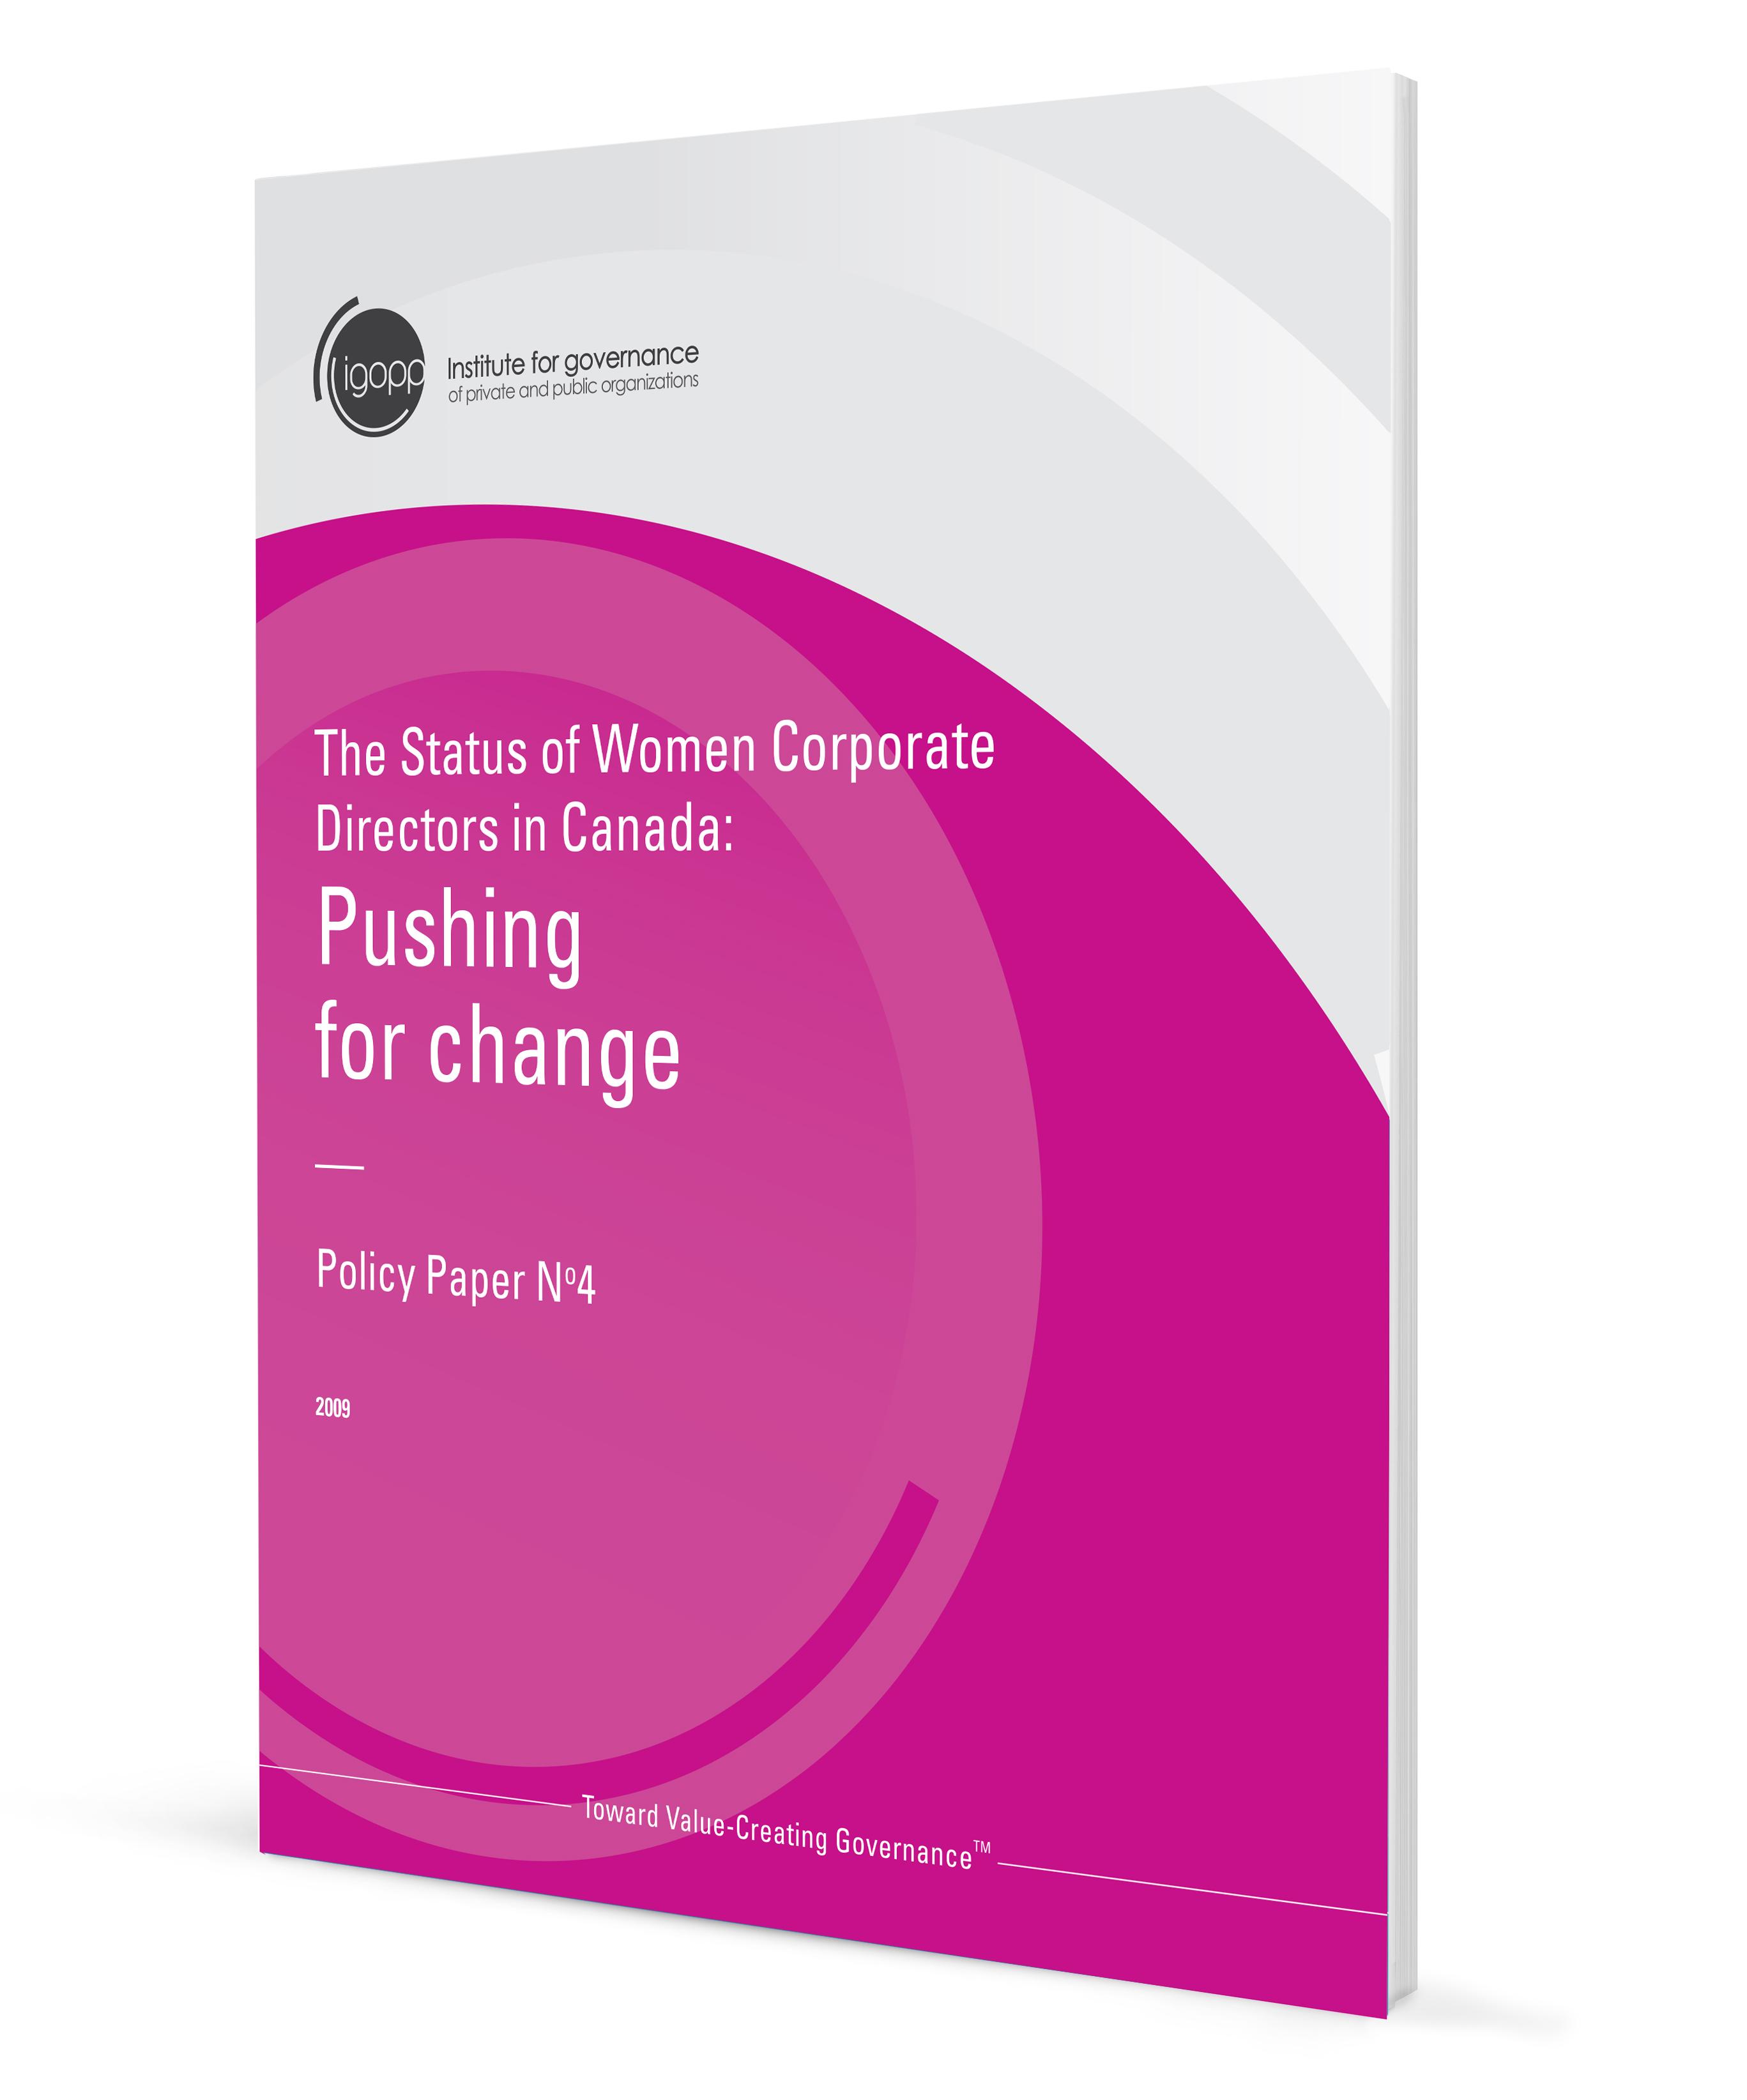 the status of women corporate directors in igopp the status of women corporate directors in